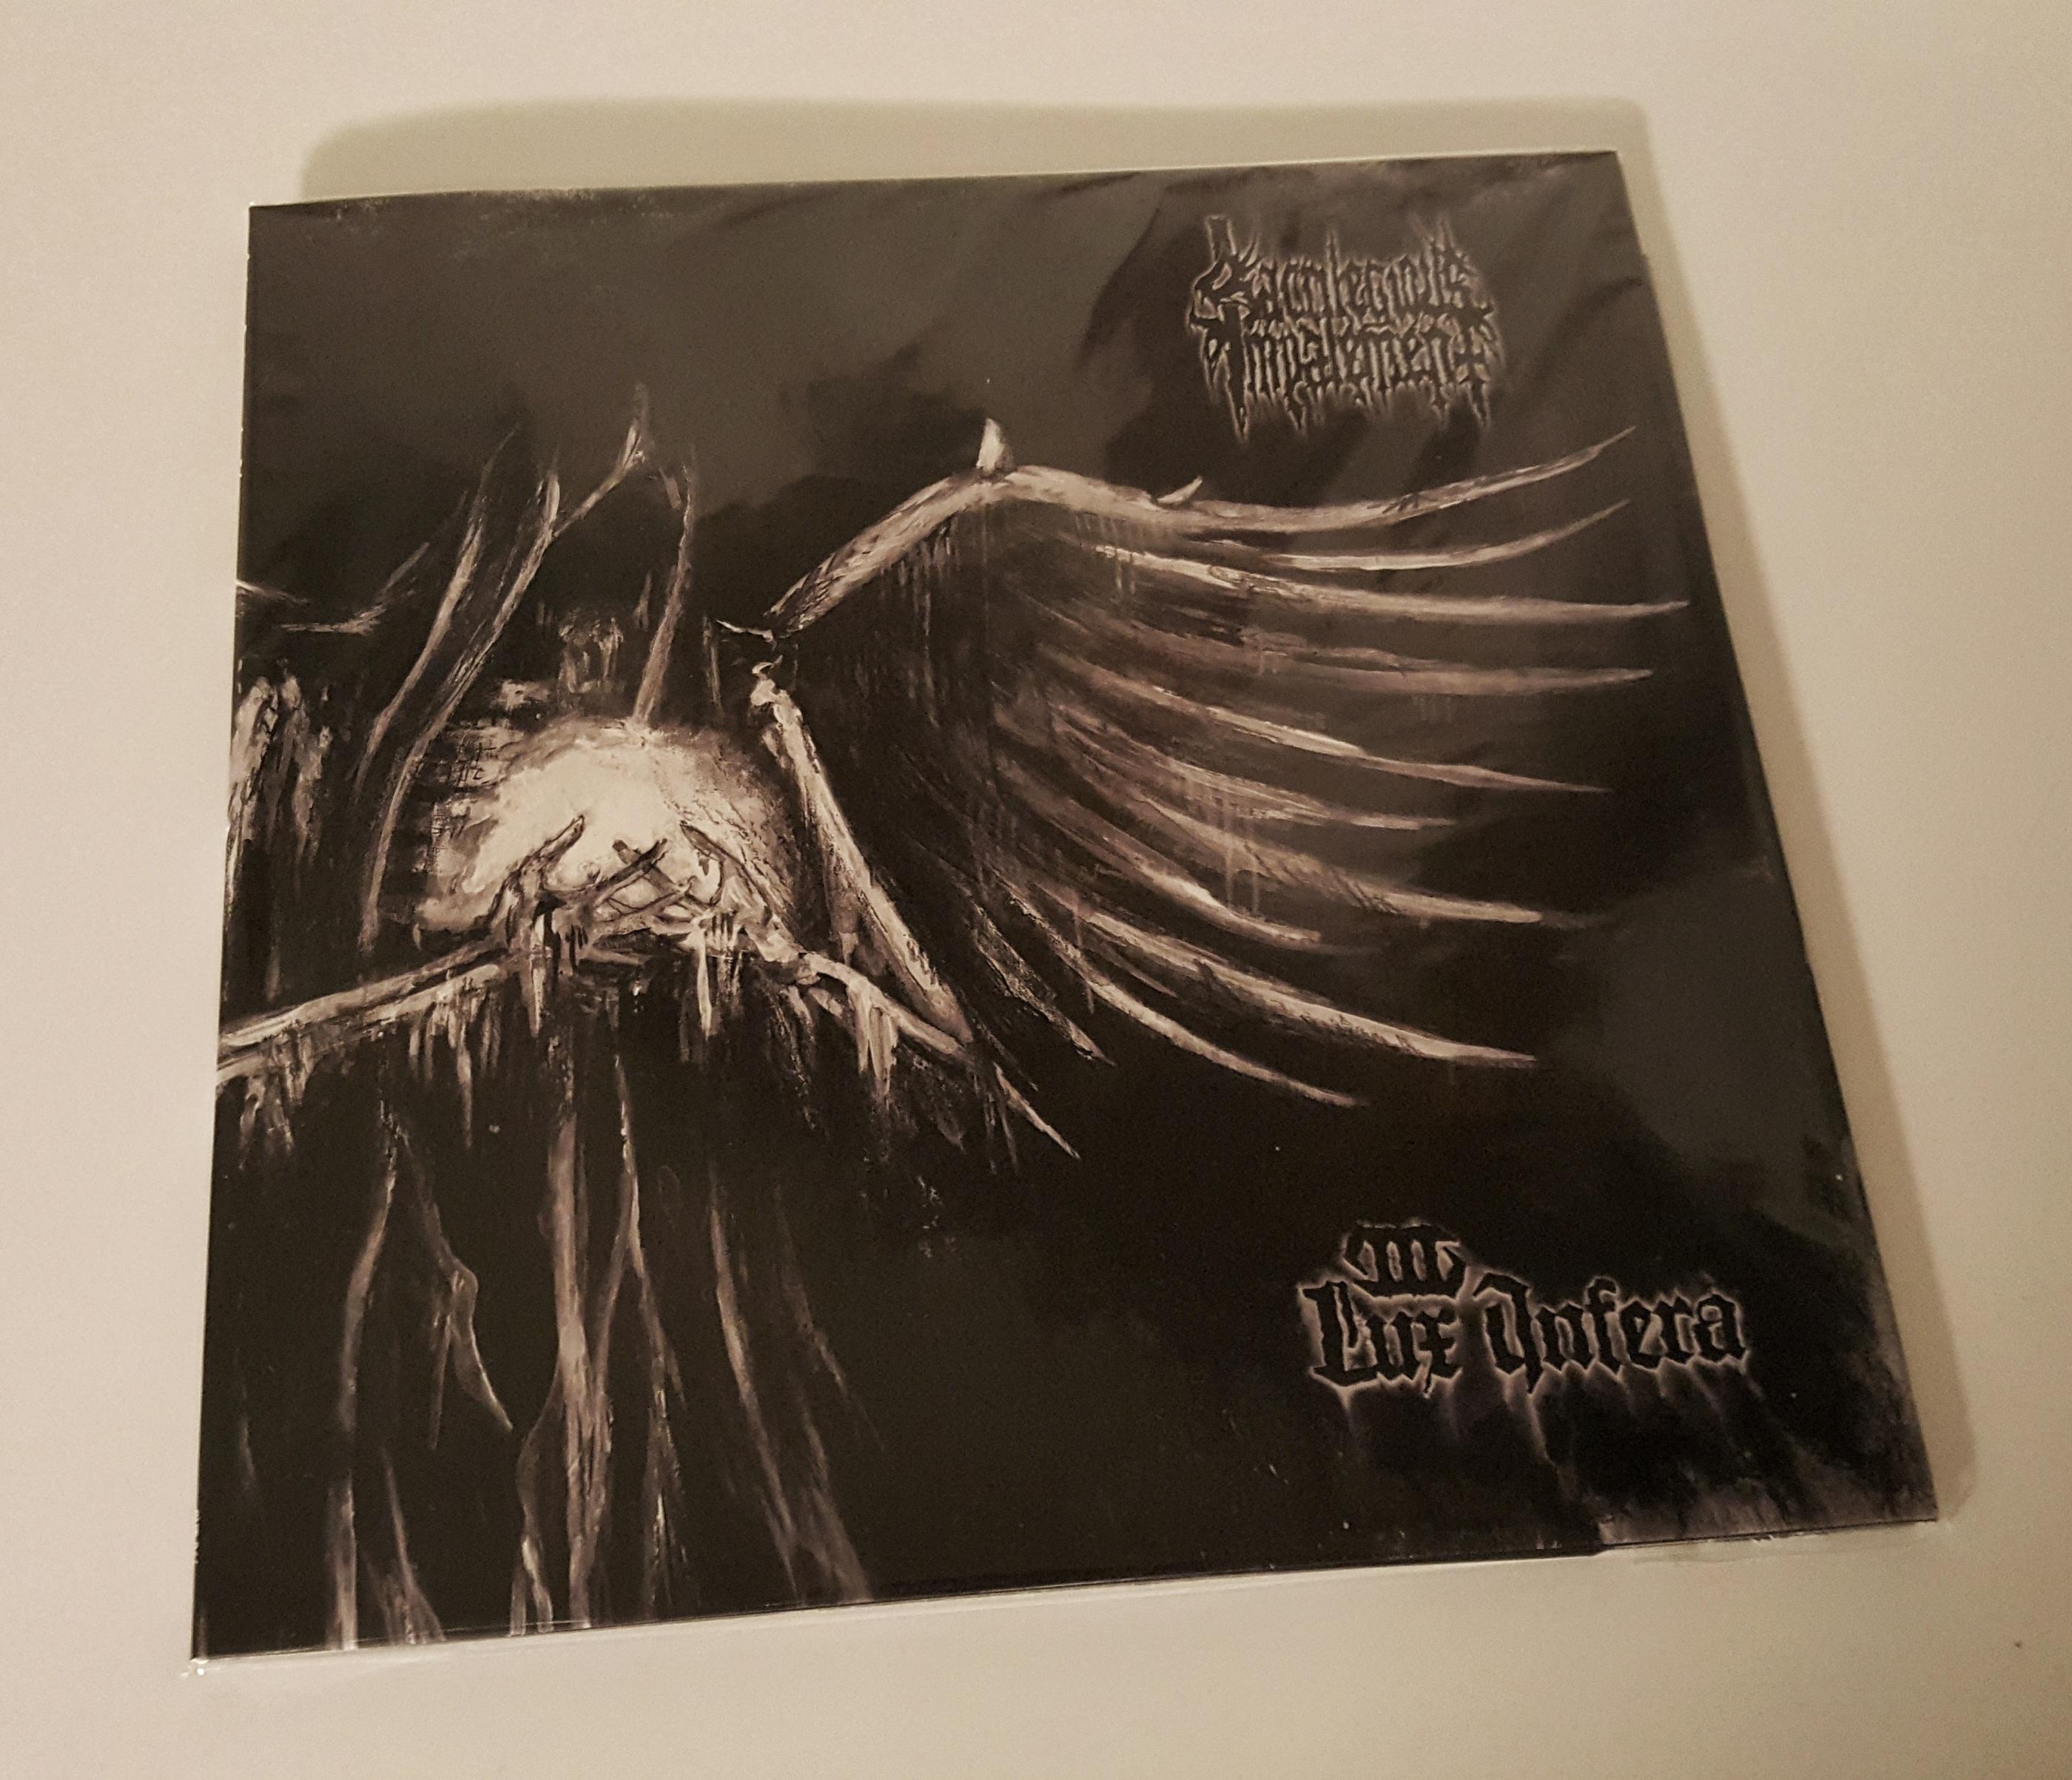 """SACRILEGIOUS IMPALEMENT – Lux Infera 12"""" LP"""